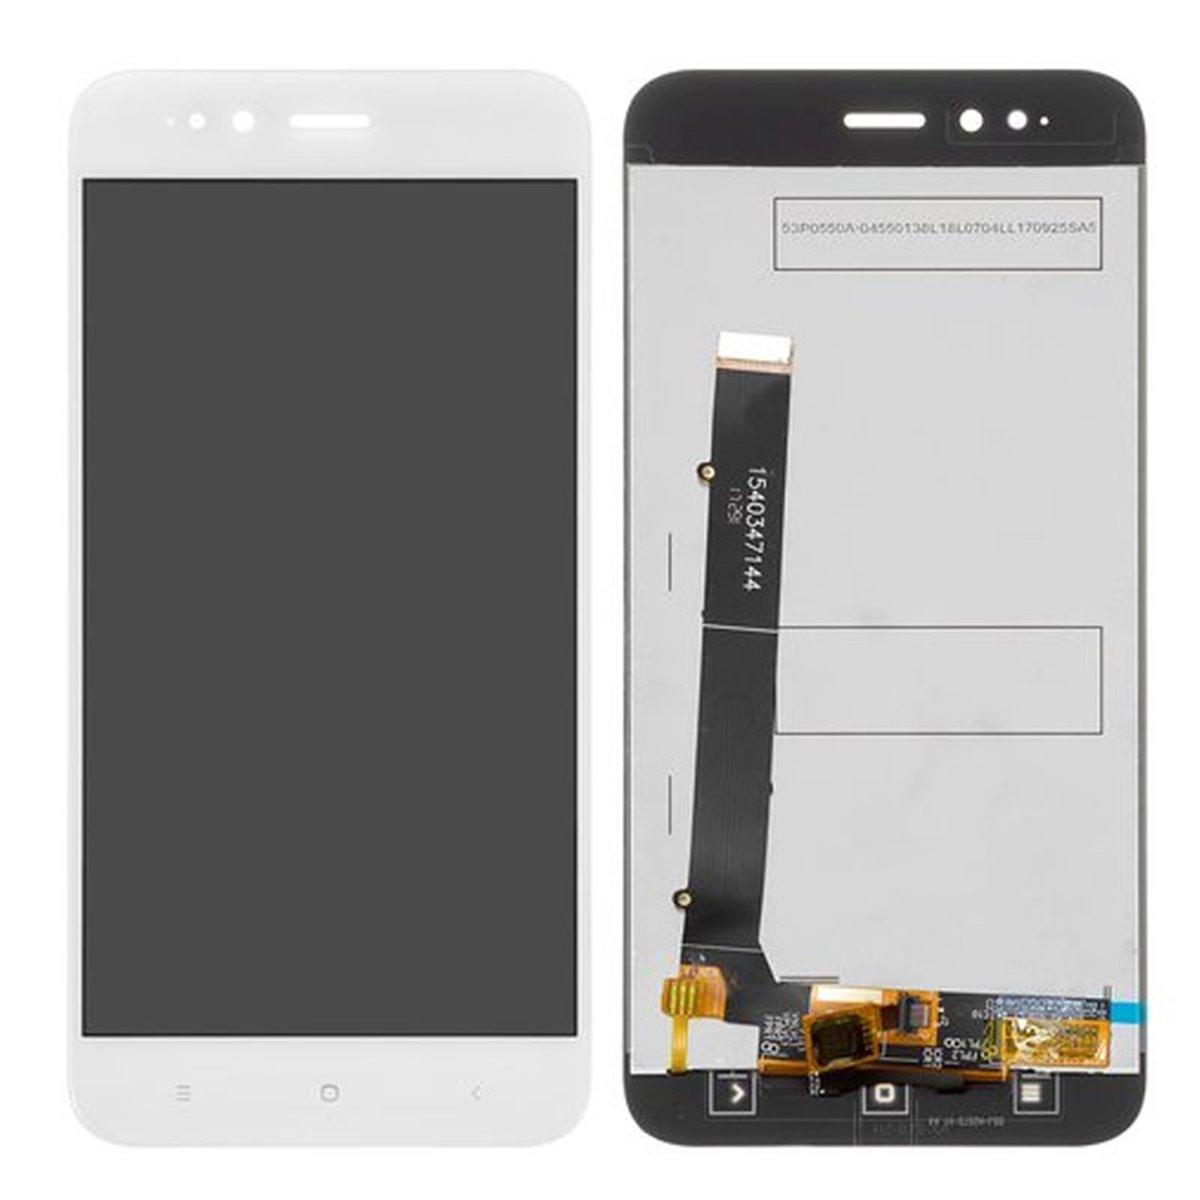 Pantalla completa (LCD/display + digitalizador/táctil) para Xiaomi Mi A1 / MI 5X, negra